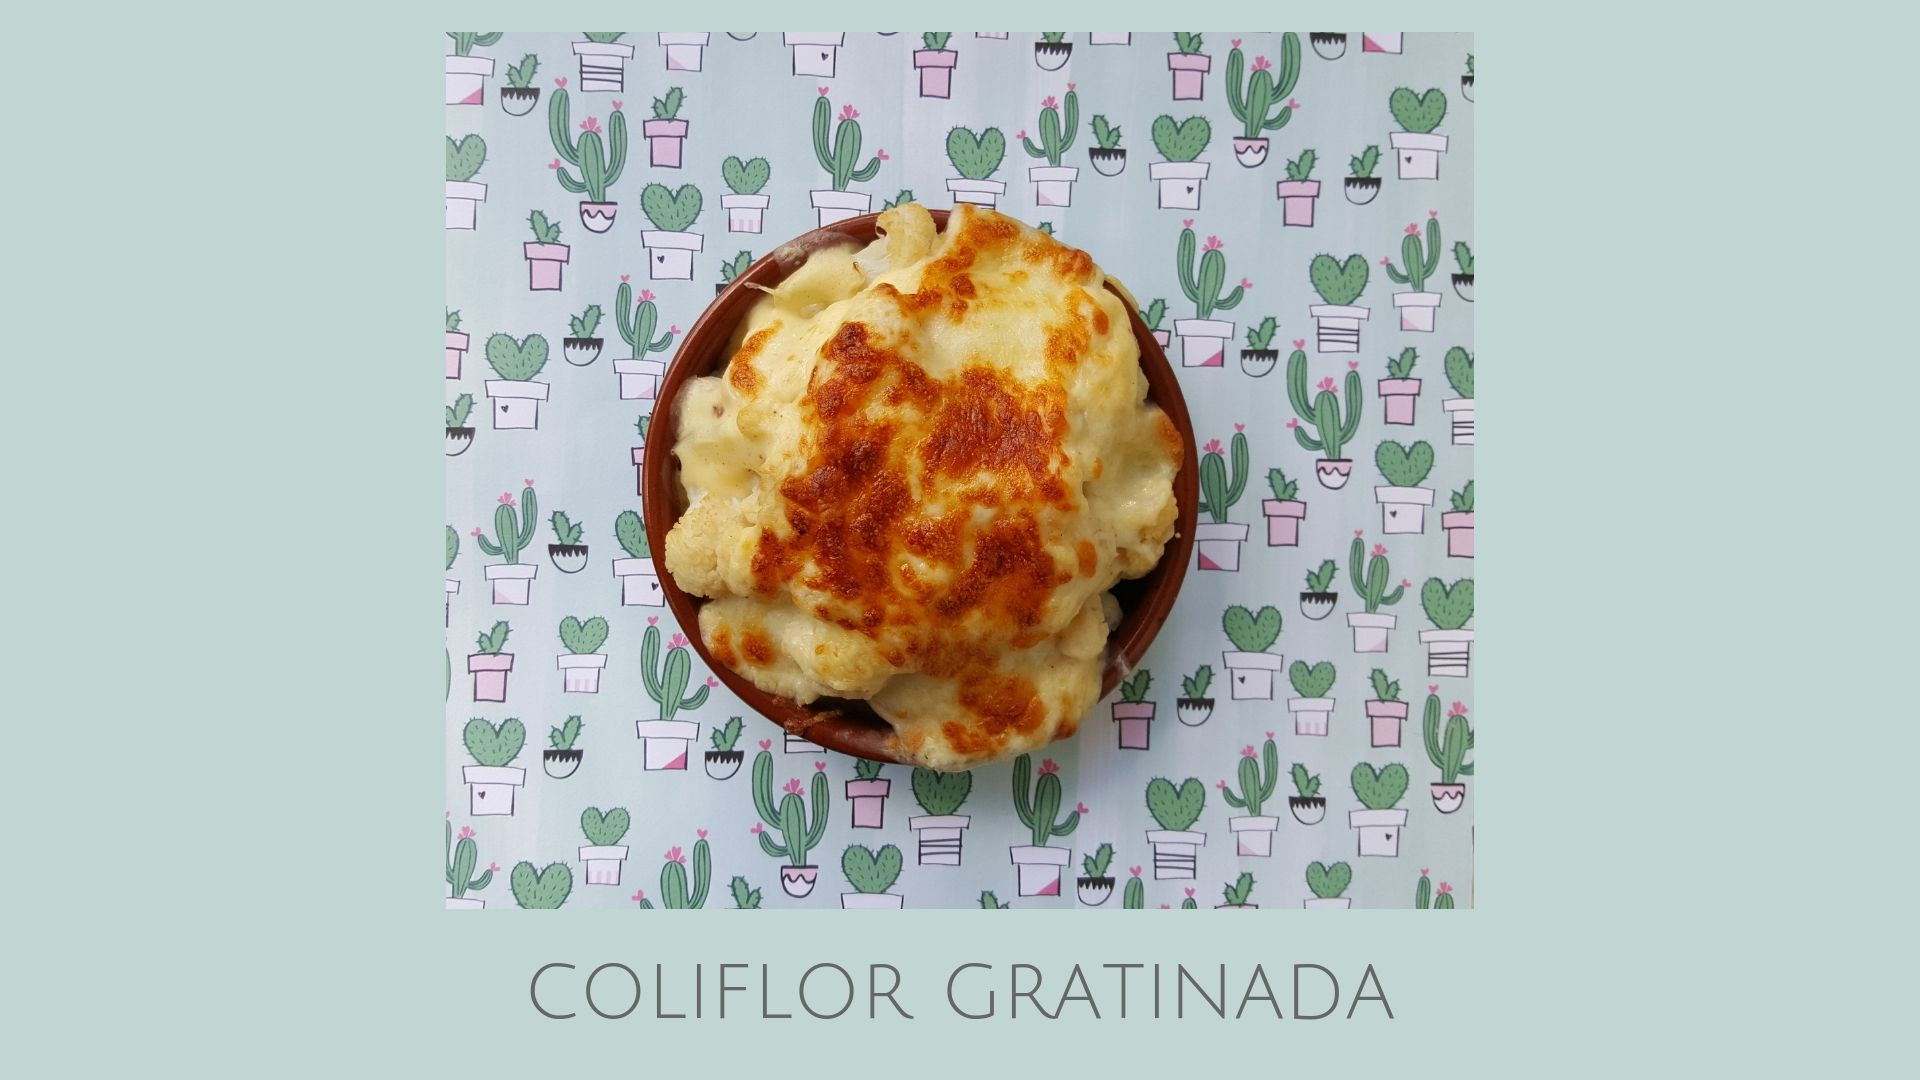 Receta de coliflor gratinada, como hacer coliflor gratinada